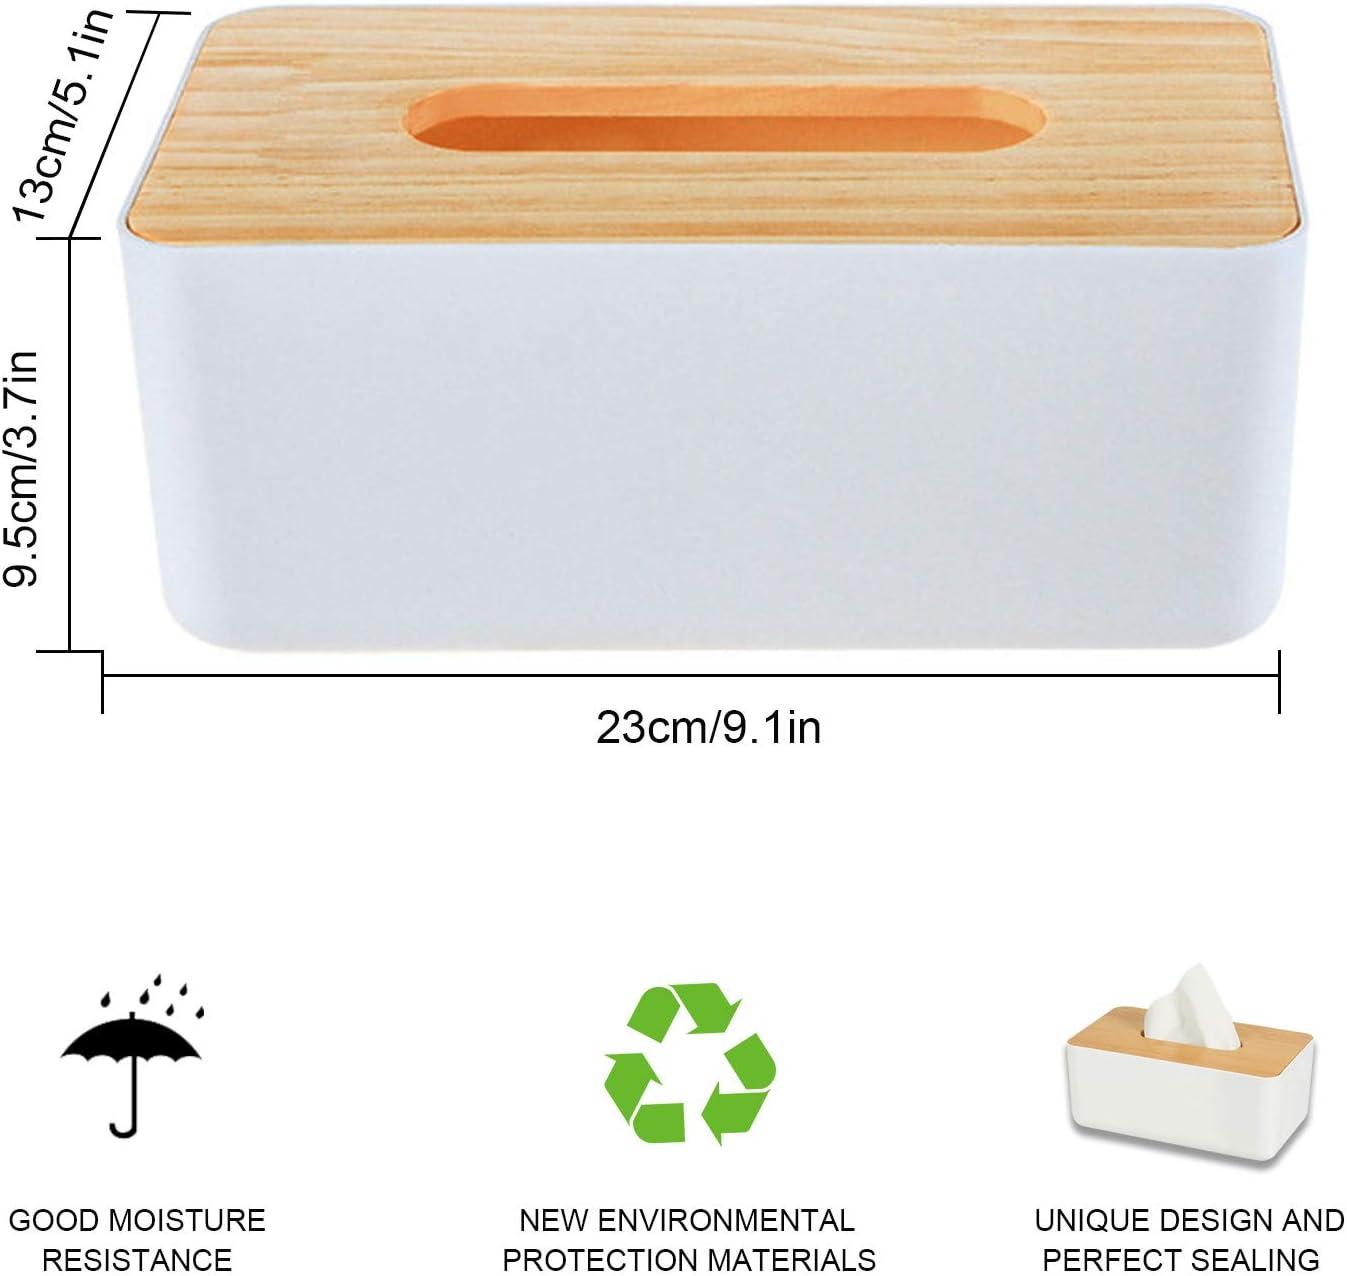 otutun Feuchtt/ücherbox mit Bambusdeckel T/ücherbox Rechteckige Taschent/ücher Box f/ür f/ür Home Office Auto Multifunktions Praktische Taschent/ücherbox Kosmetikt/ücherboxe wei/ß H x B x T:10 x 23 x 13 cm